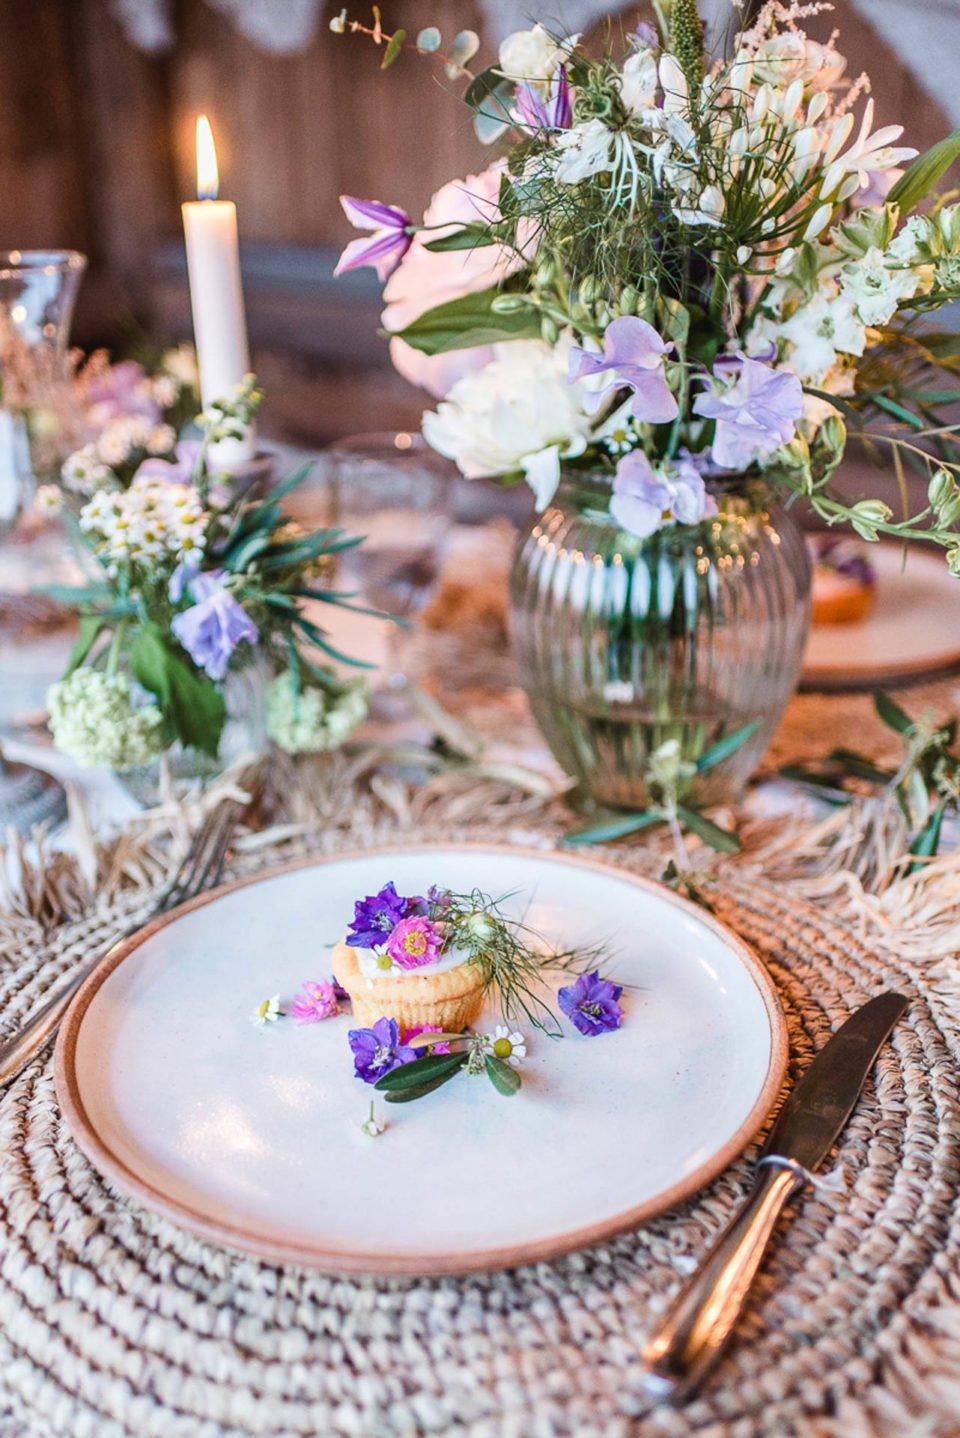 Blumen und kleines Törtchen auf Paletten-Tisch